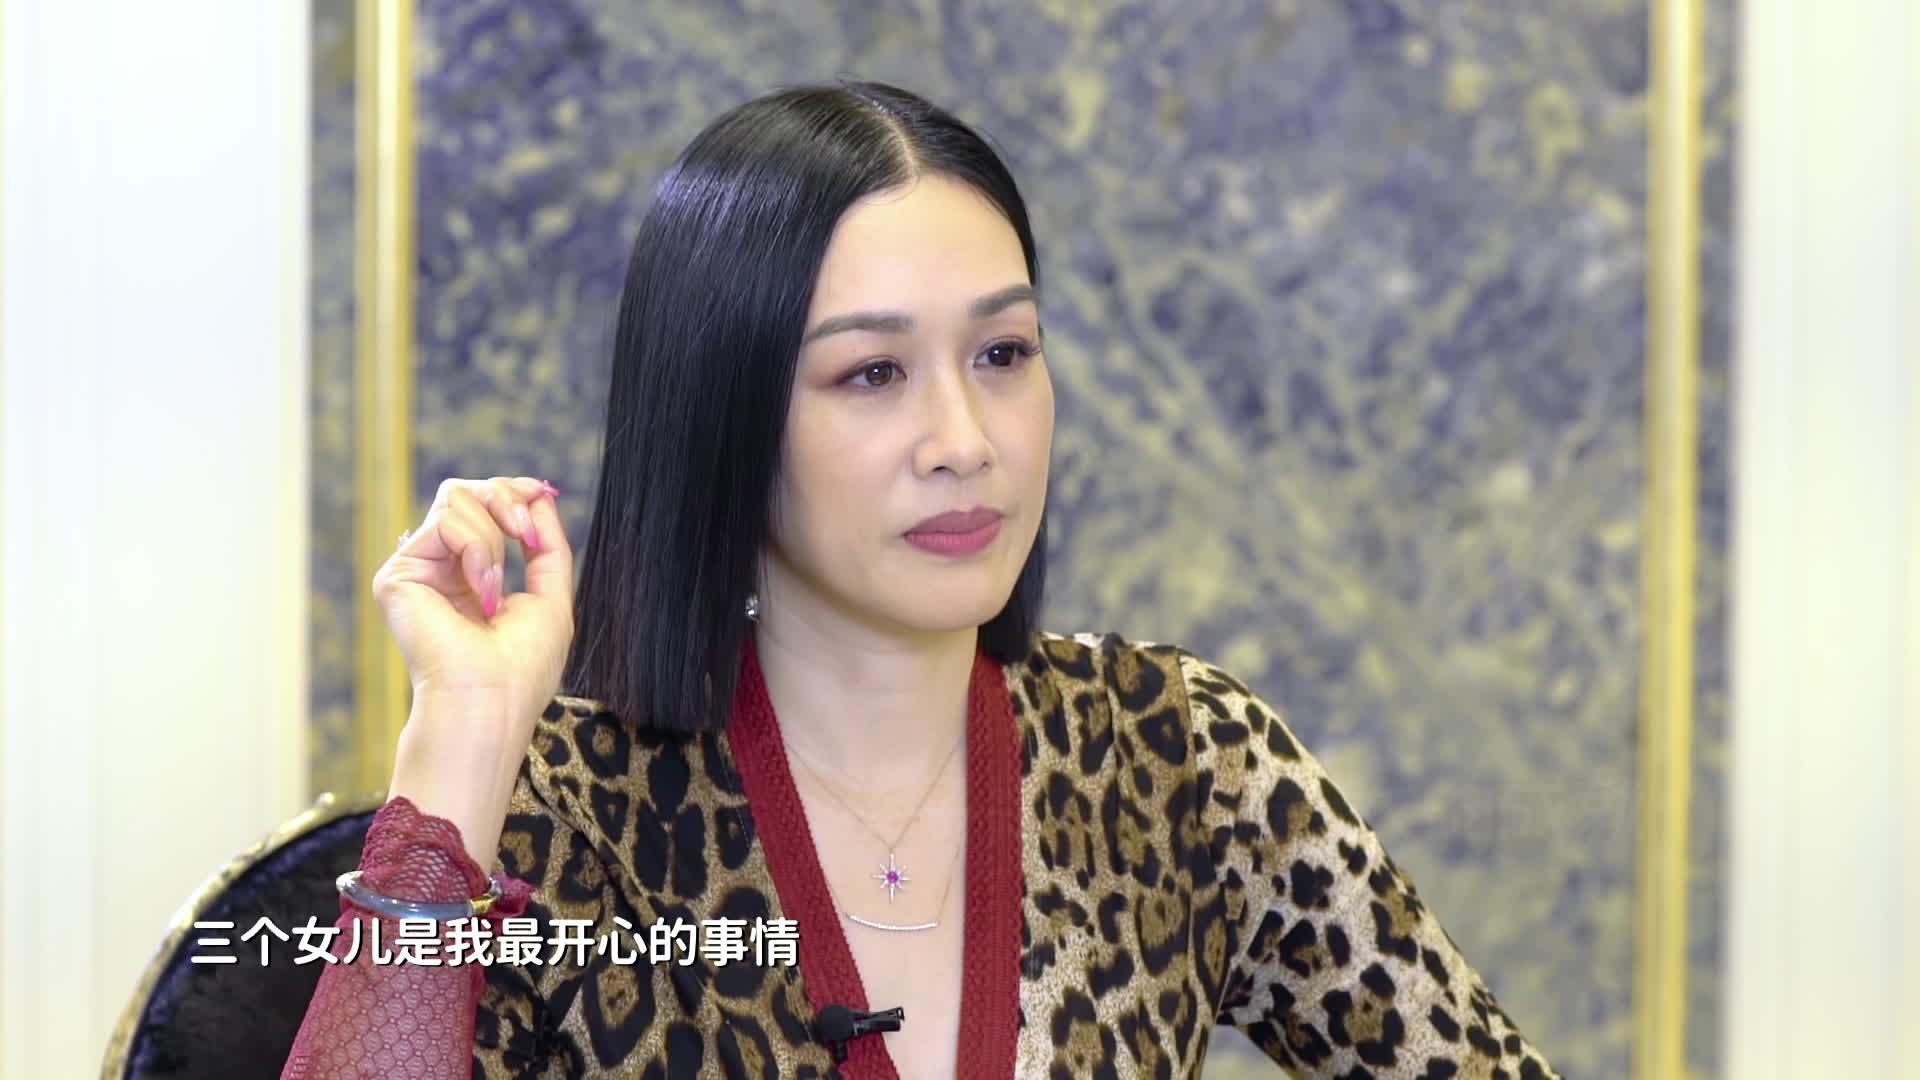 《这局有料儿》钟丽缇曝失败婚姻 当场落泪